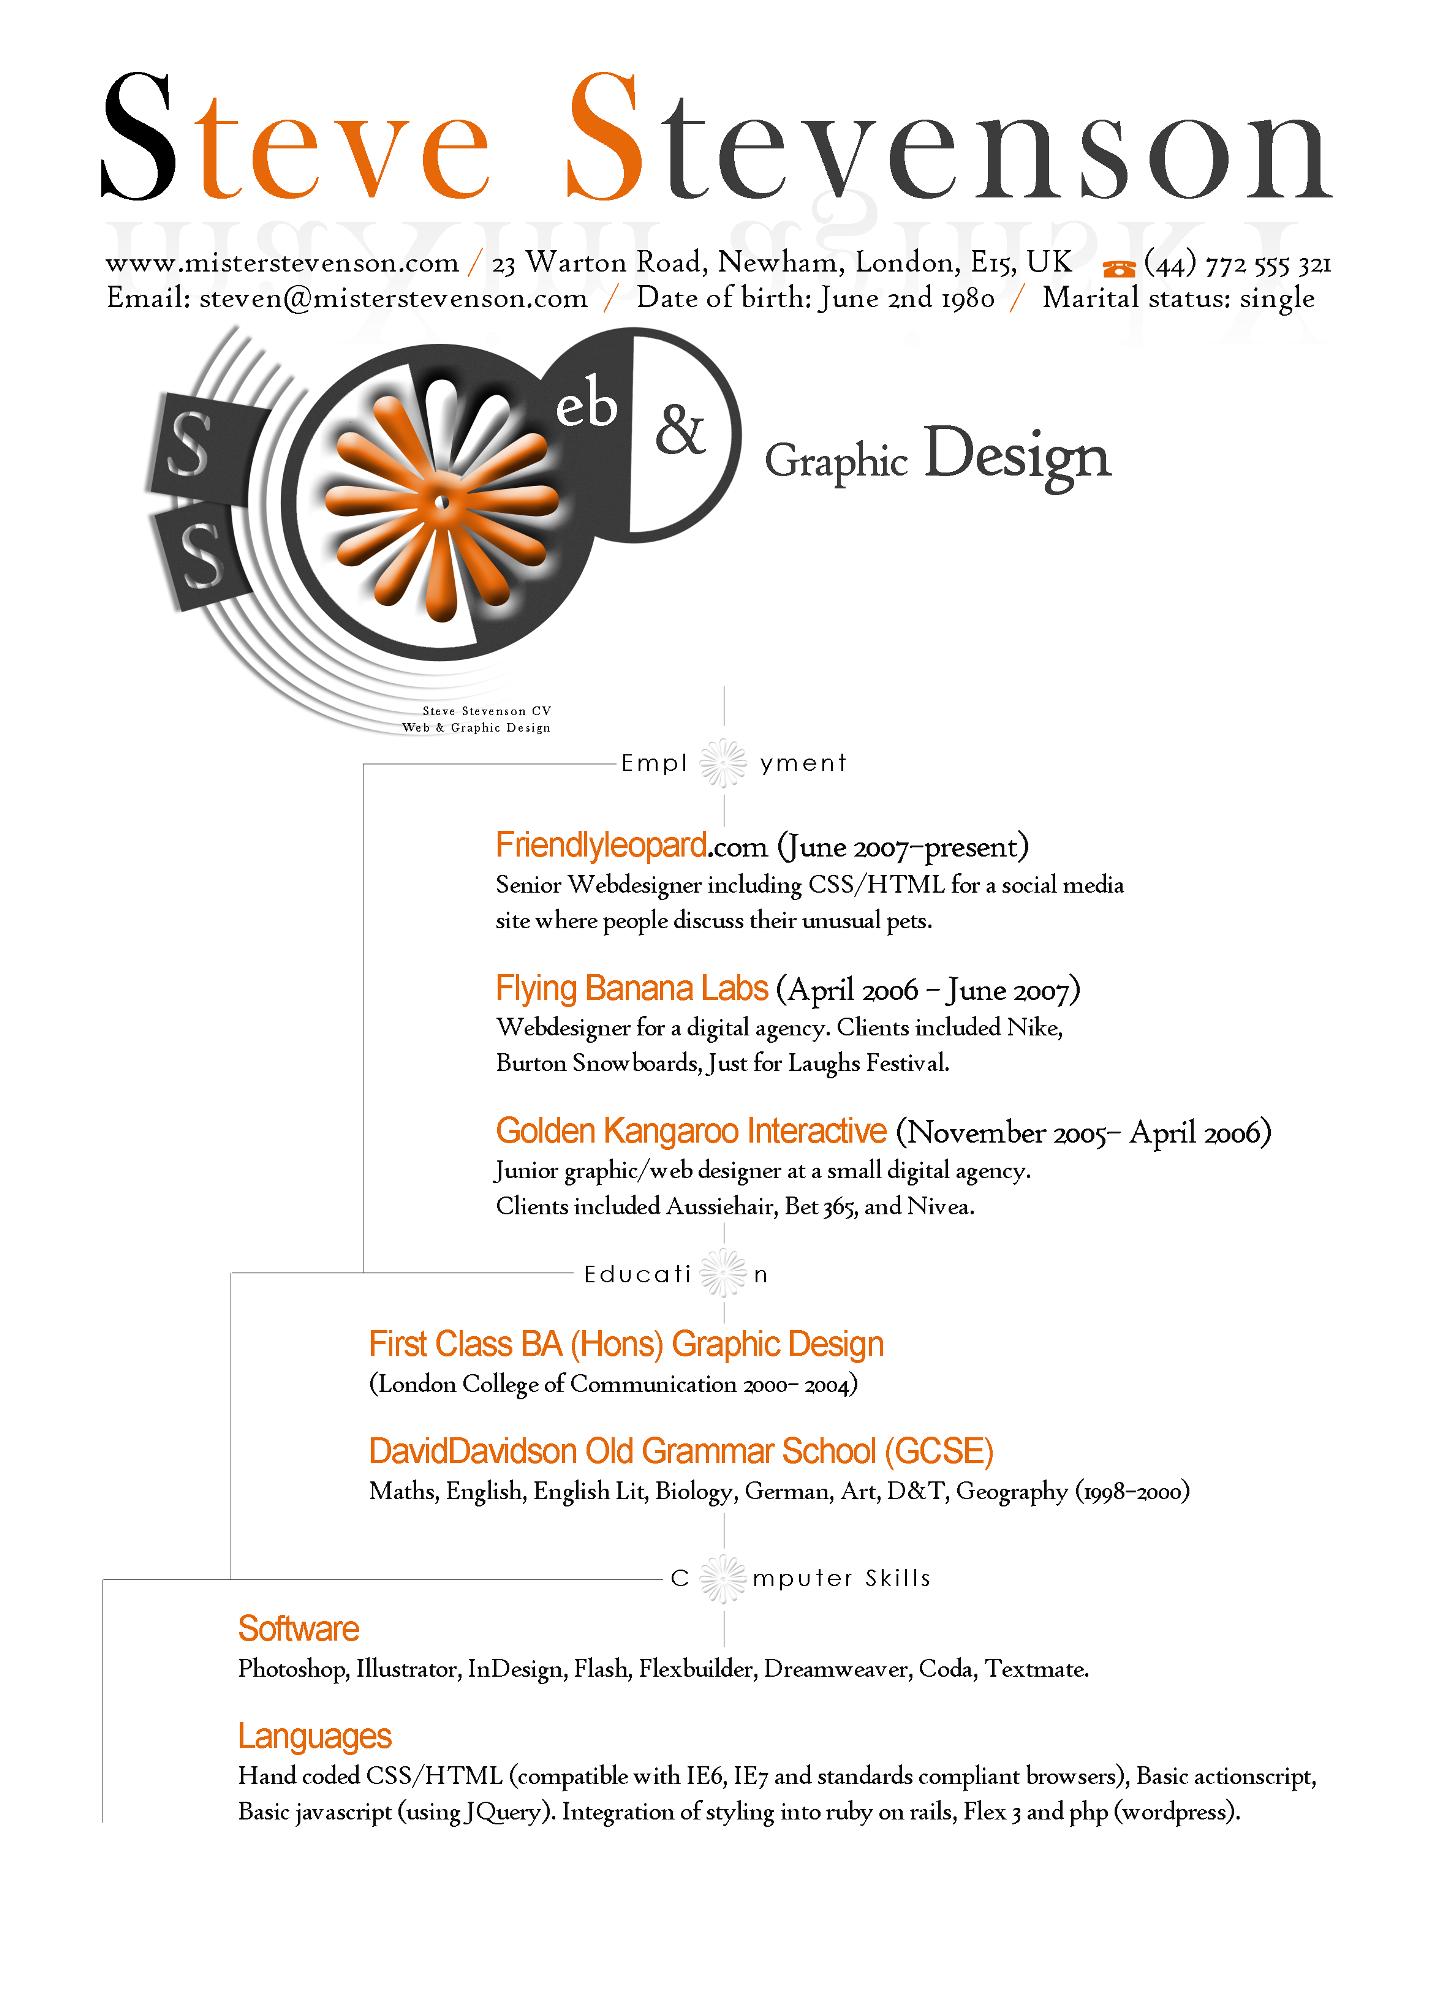 Designing My Curriculum Vitae ⋆ Maxim Aginsky\'s log